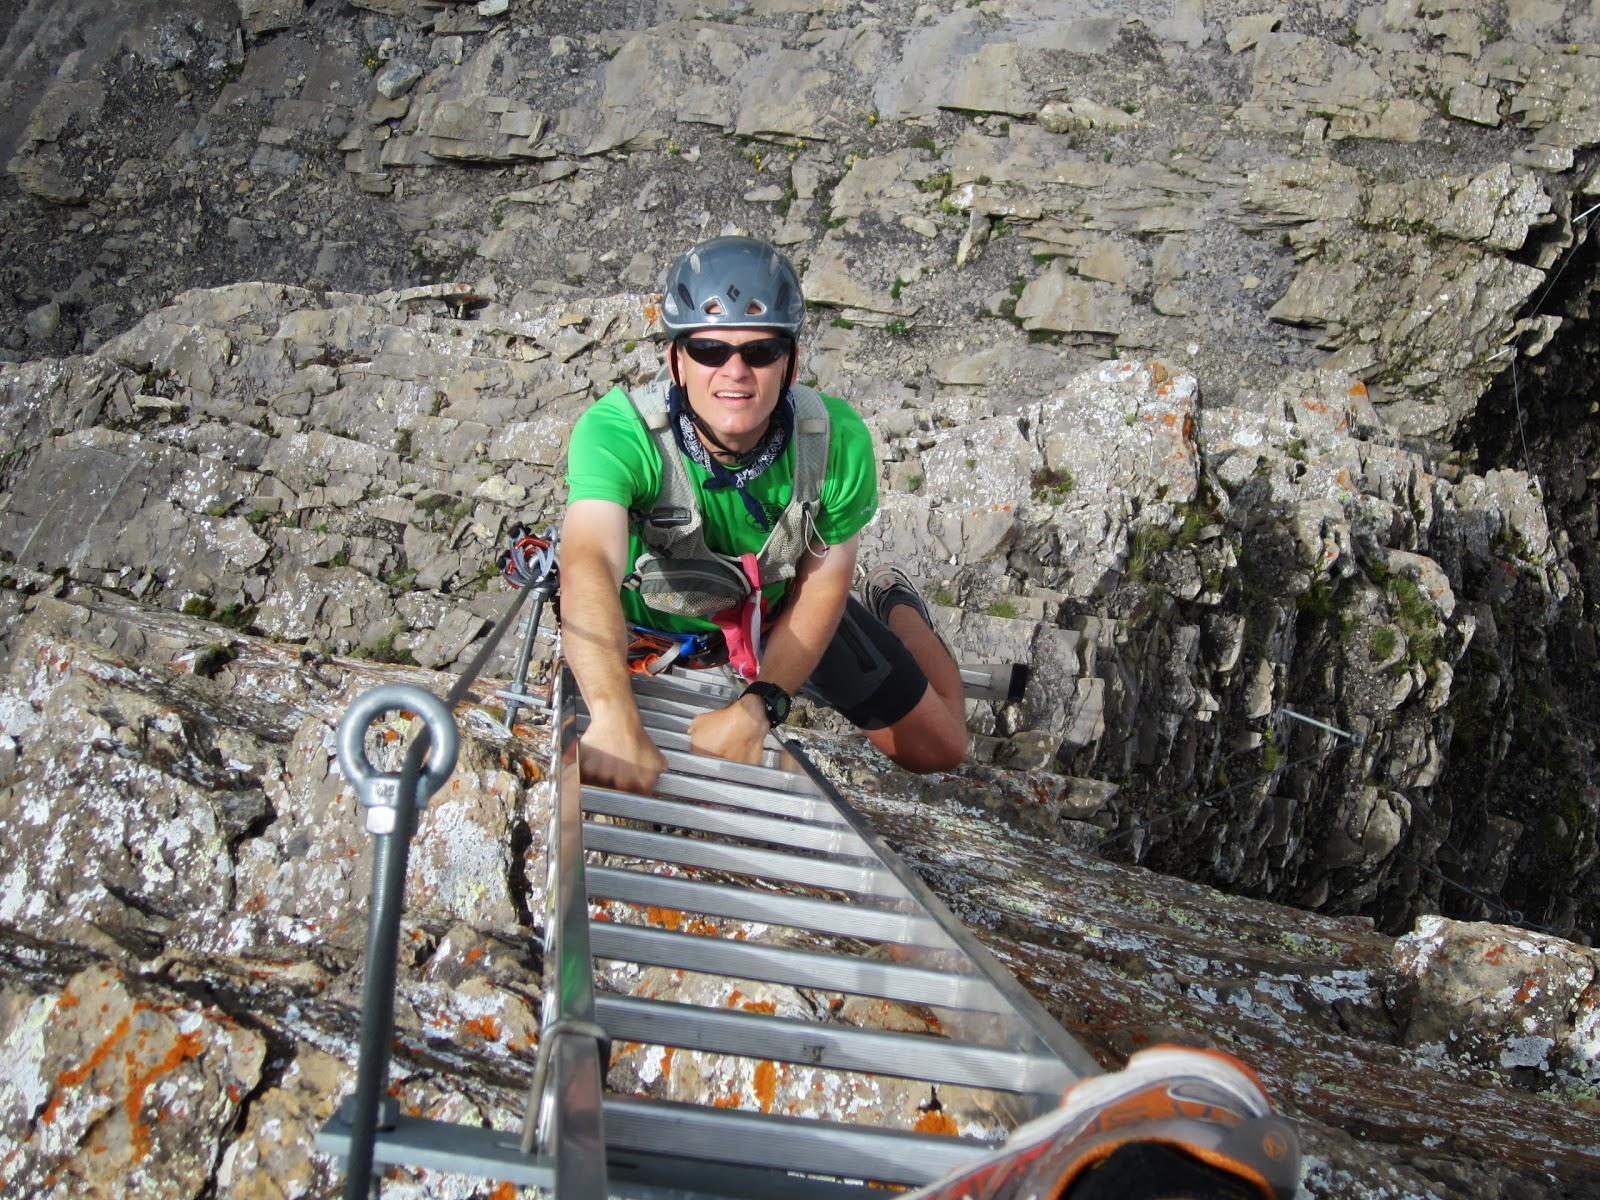 Klettersteig Schwarzhorn : Climbing trip reports: schwarzhorn klettersteig